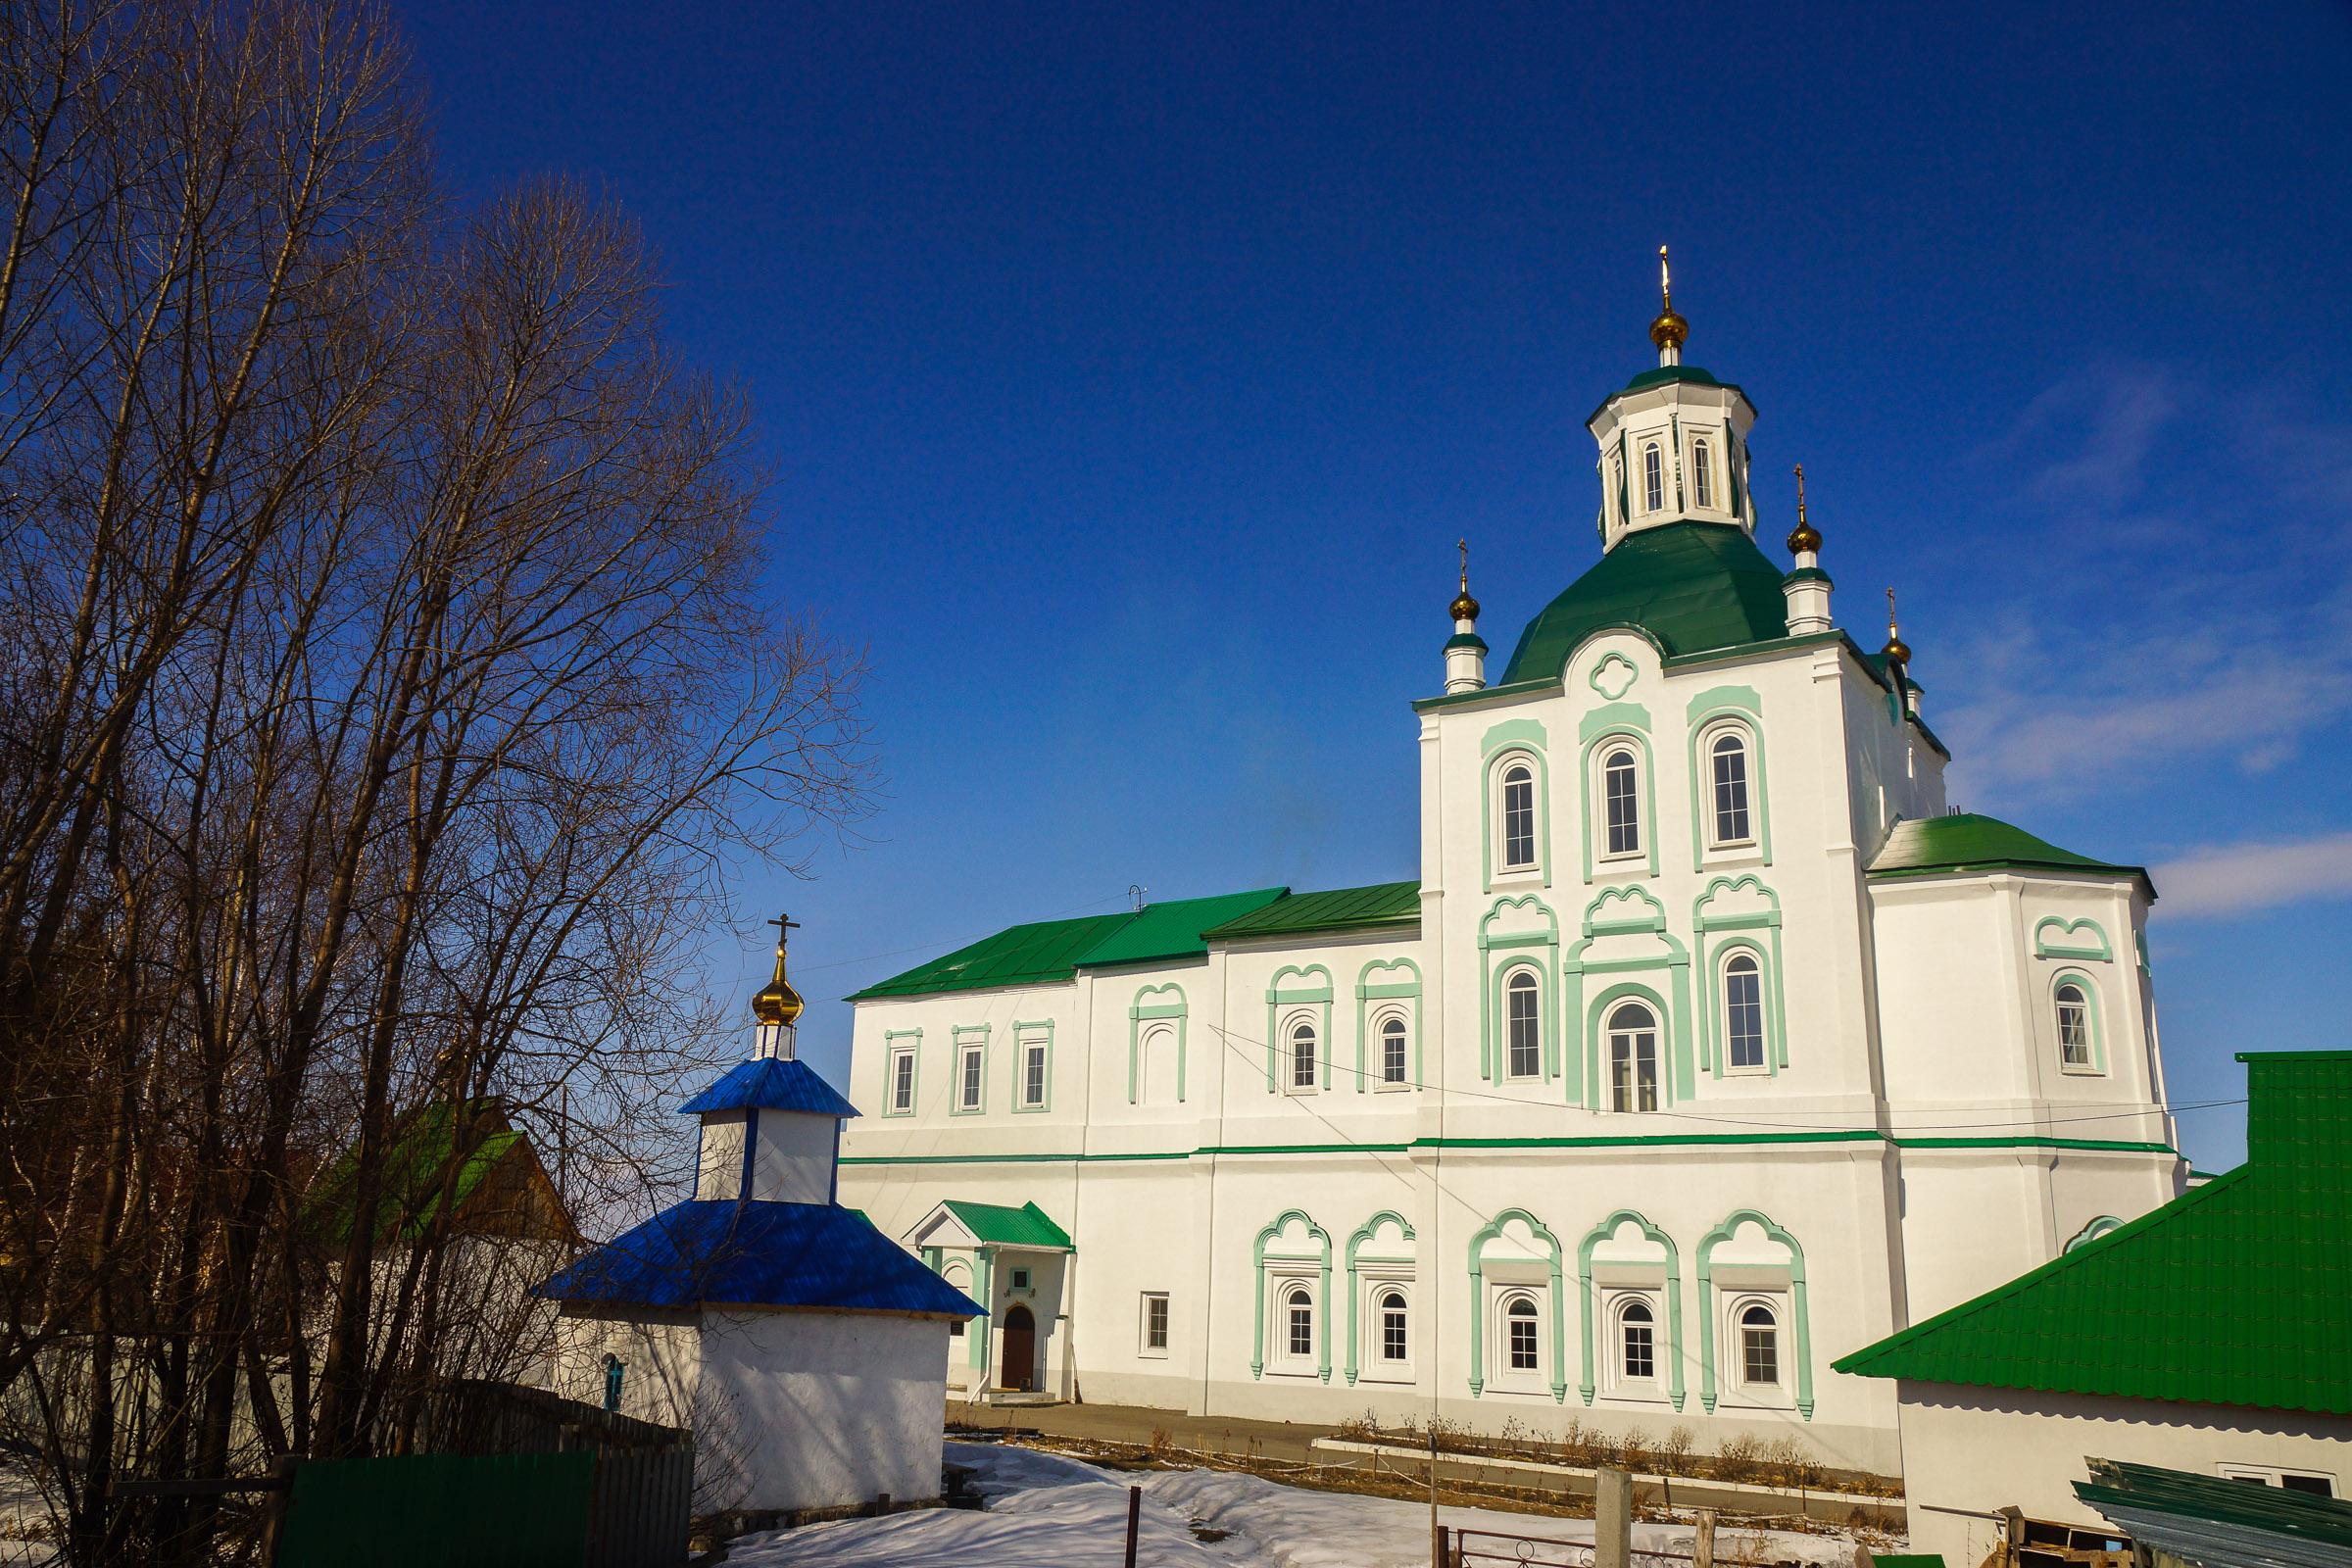 Свято-Троицкая церковь в селе Усть-Ницинское Слободотуринского района